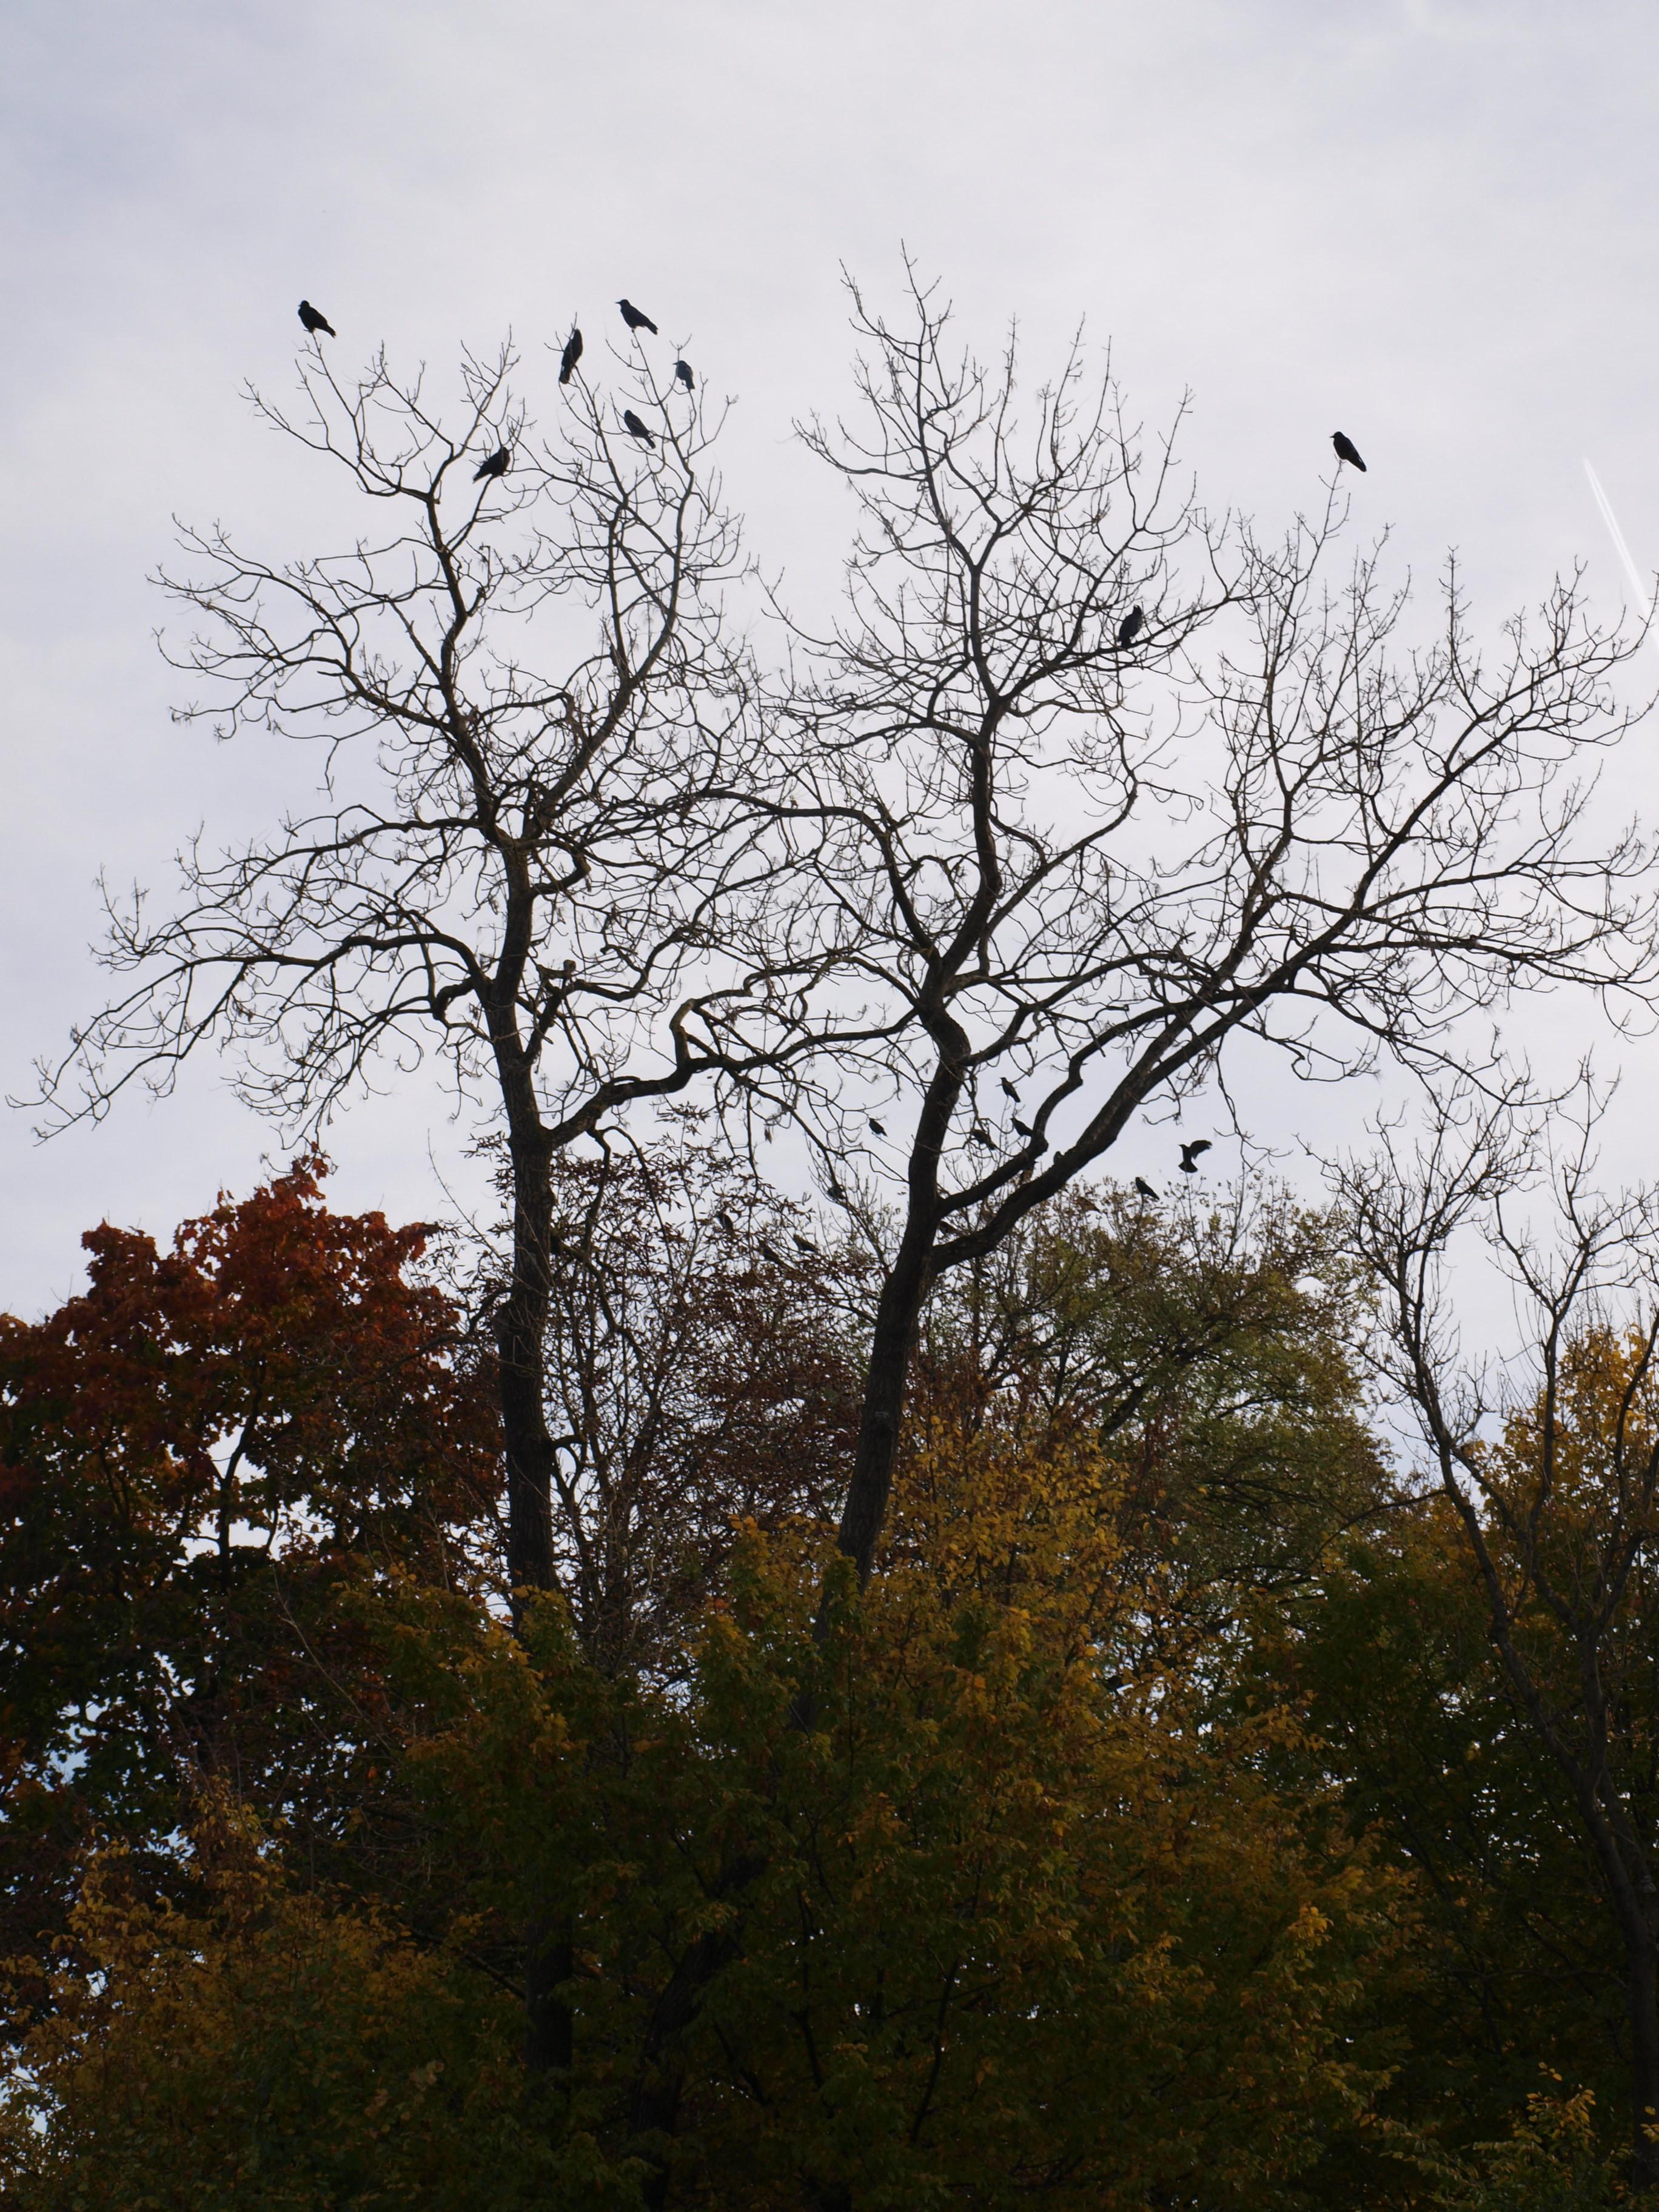 Sieben Raben auf einem Baum